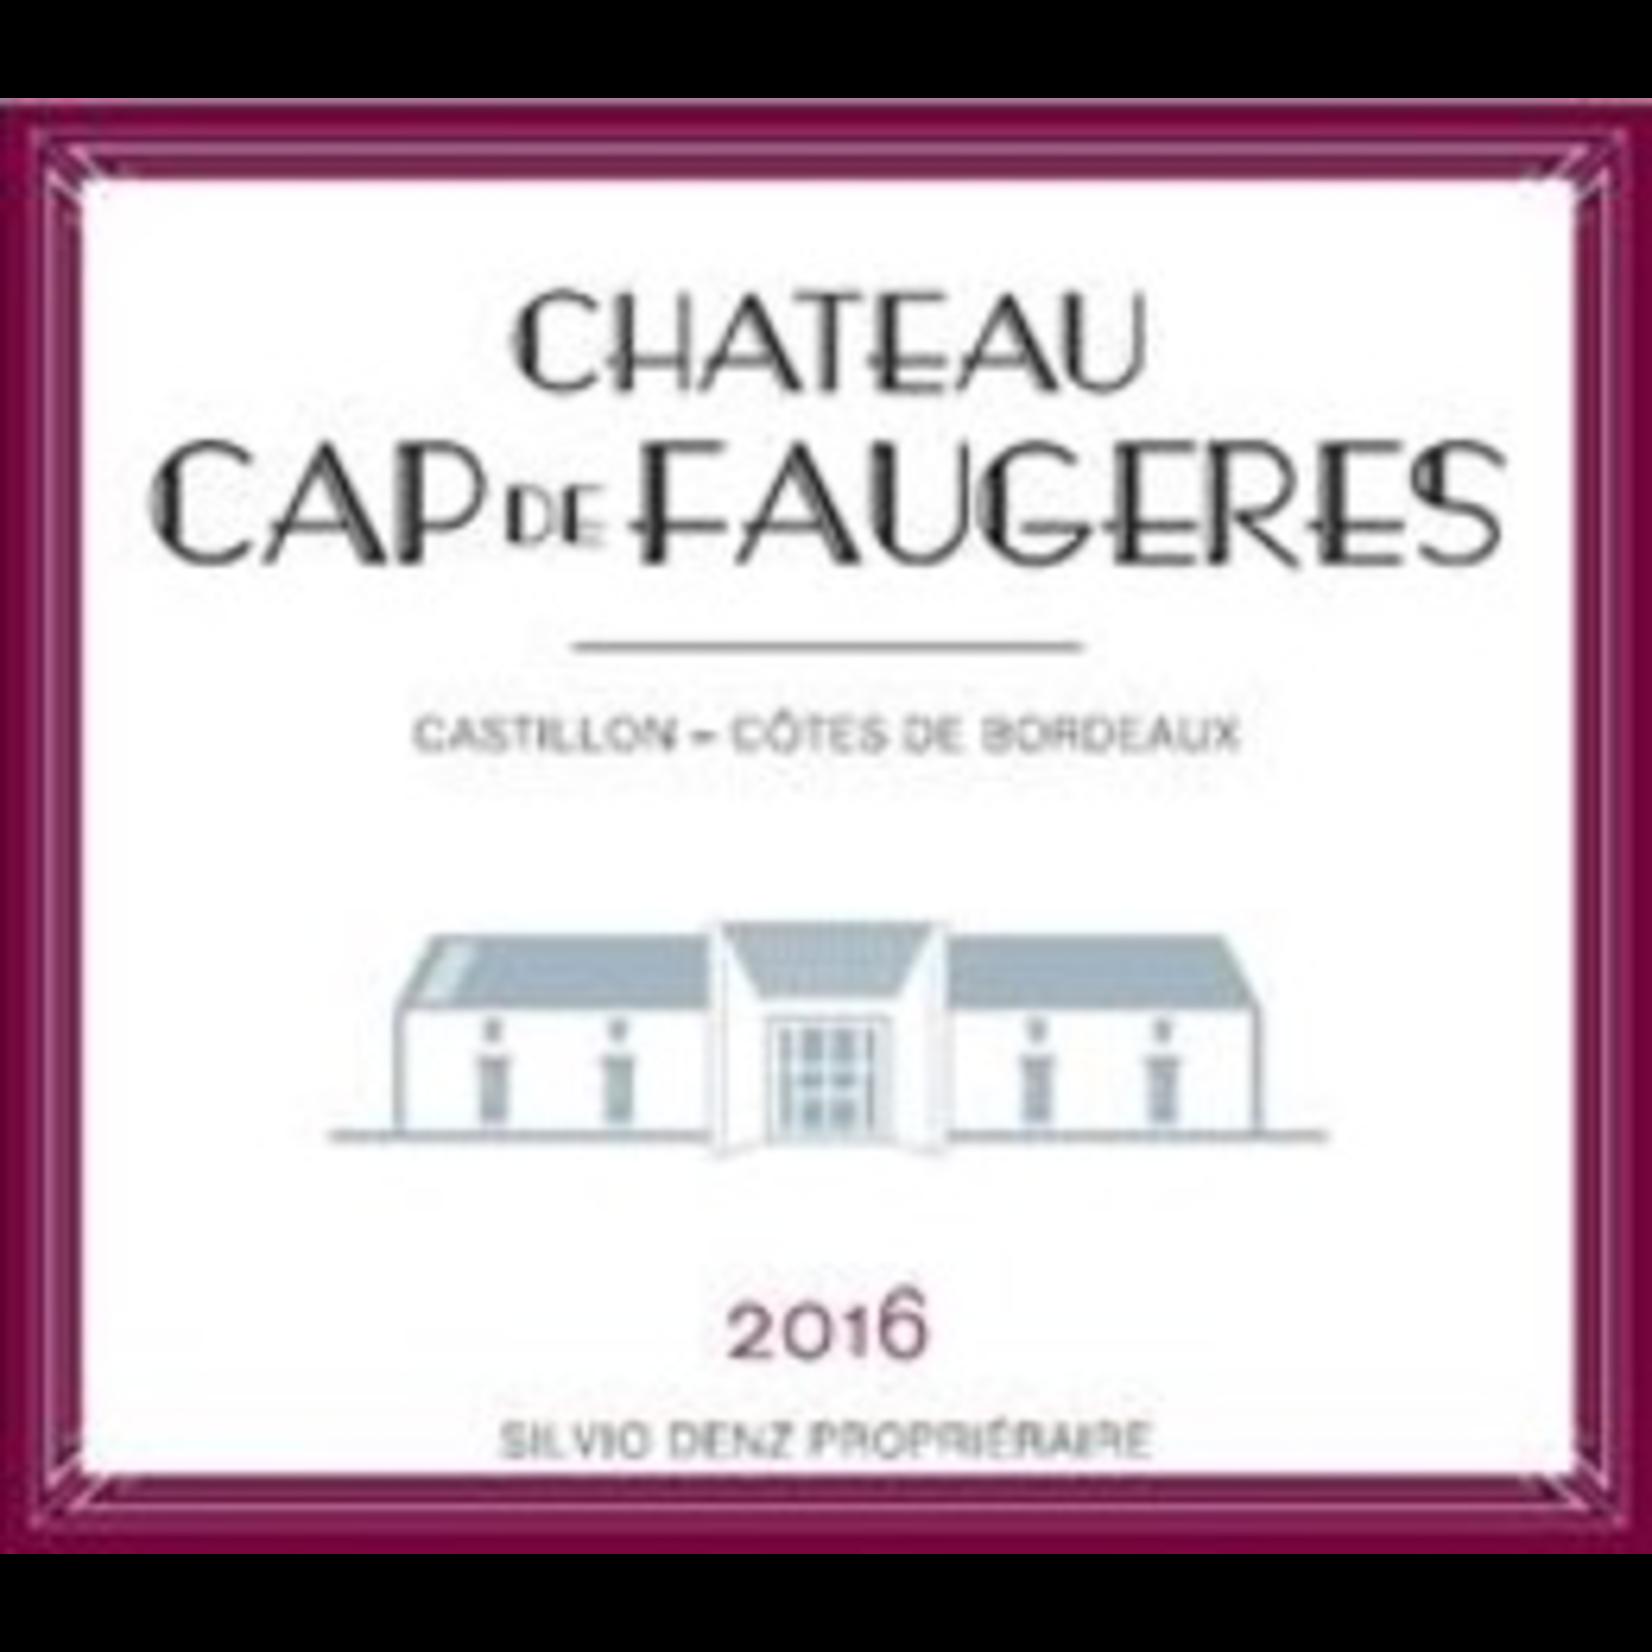 Ch Cap de Faugeres 2018